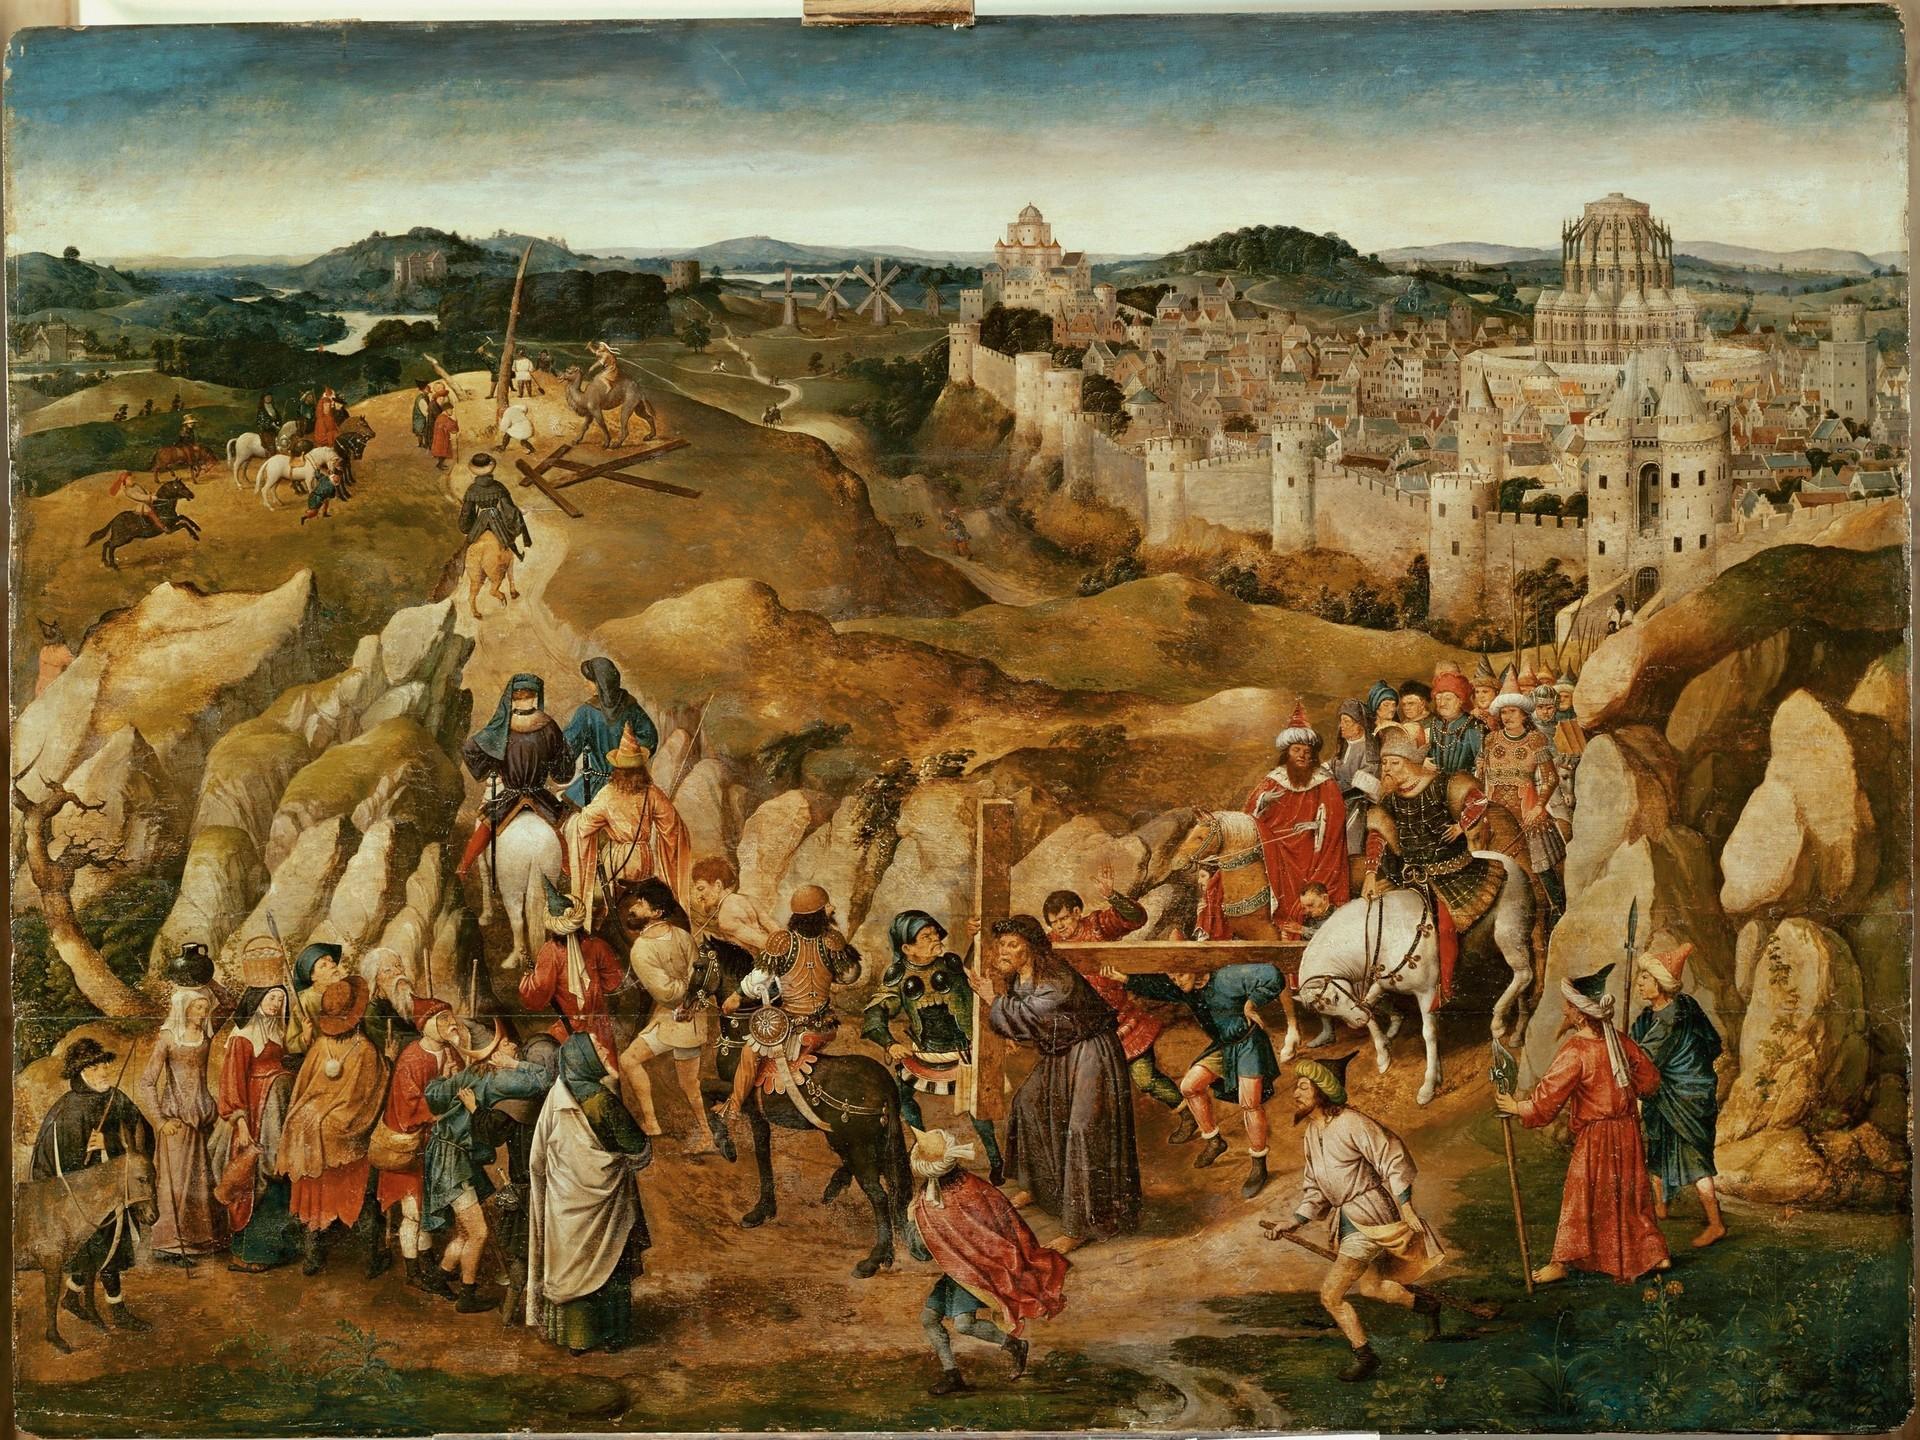 Jesus Christ endured torture for our souls